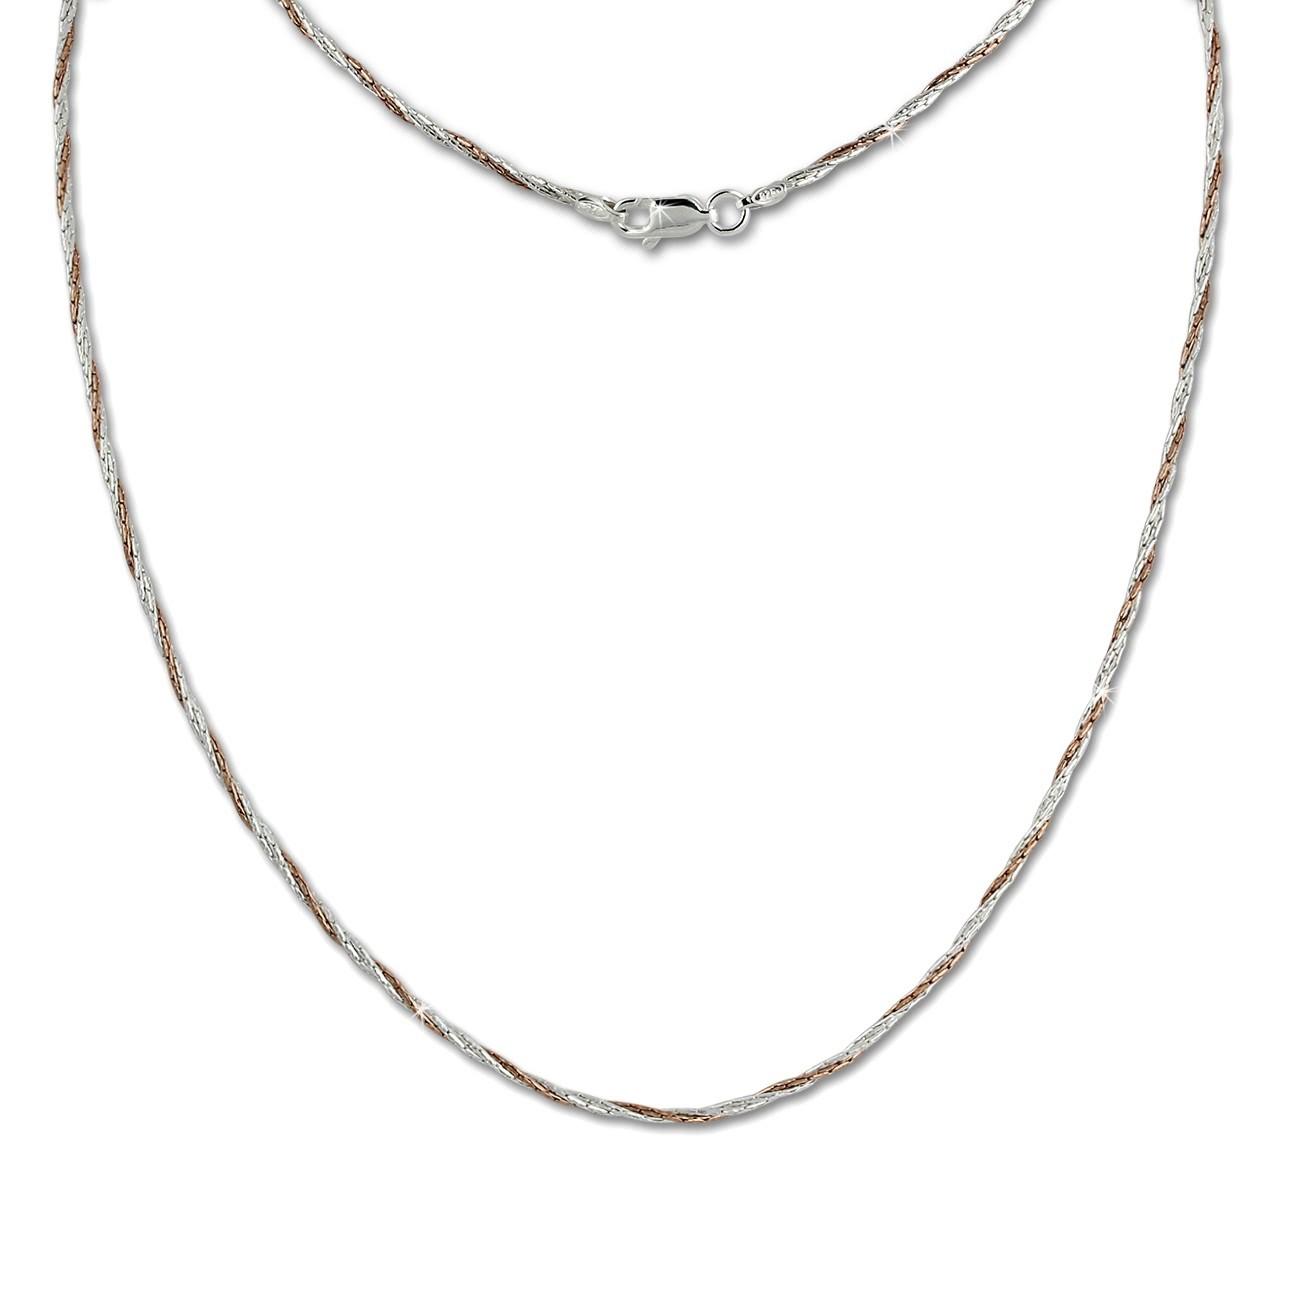 SilberDream Collier Kette gedreht Rose vergoldet 925 Silber 45cm SDK22145E